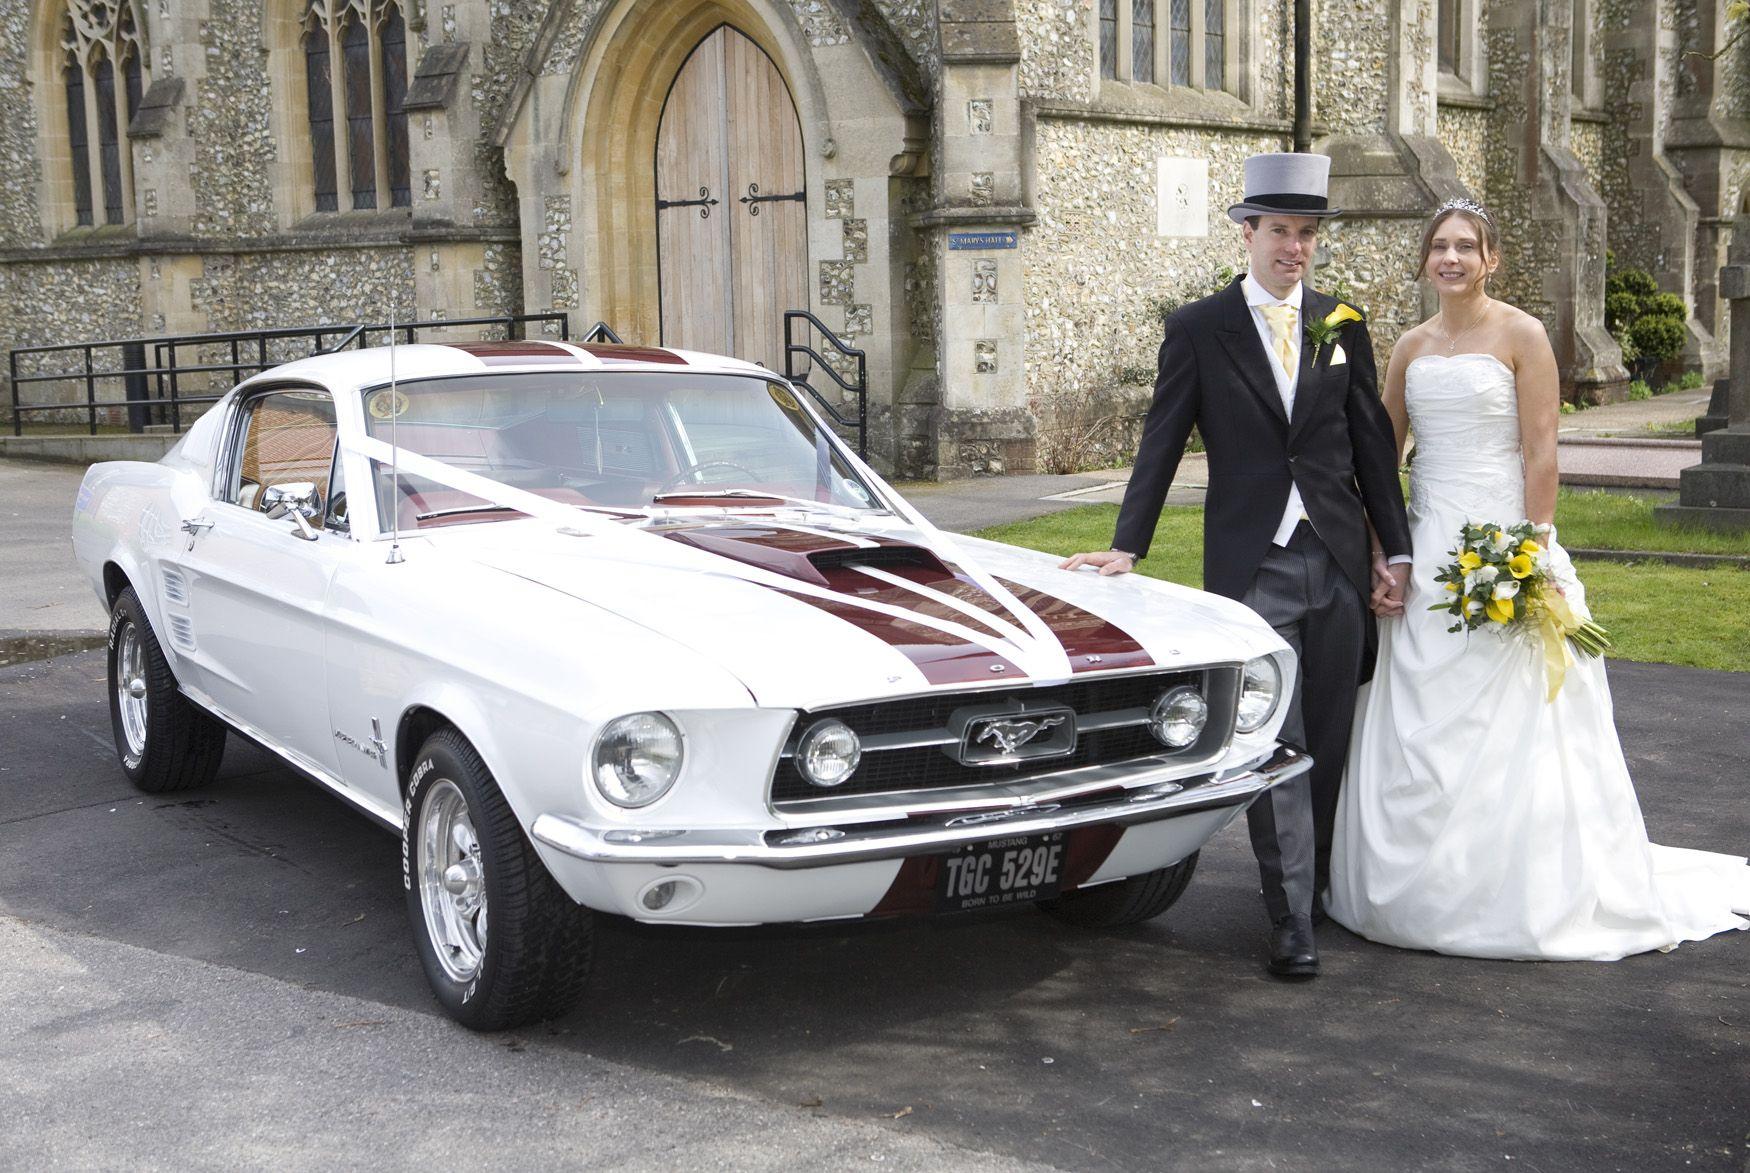 ford-mustang-wedding-car.jpg 1,750×1,173 pixels | Wedding Flowers ...